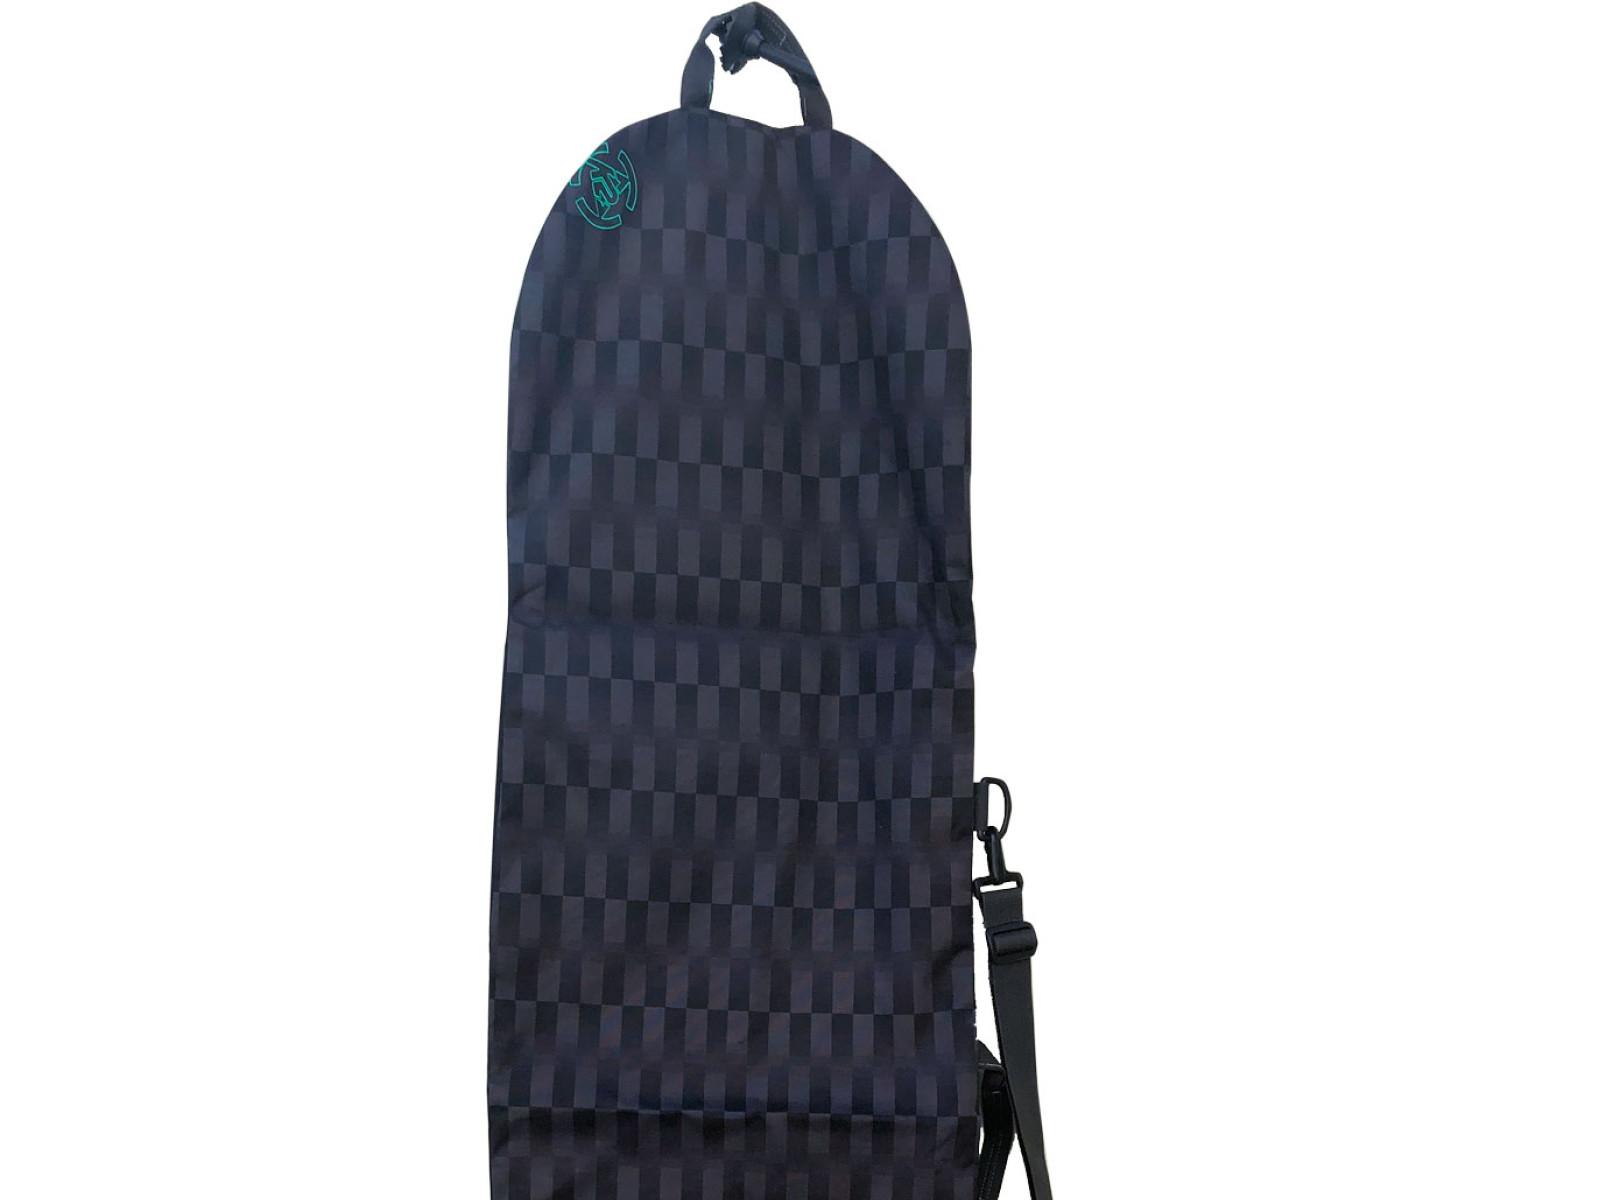 K2 Sleeve snow bag